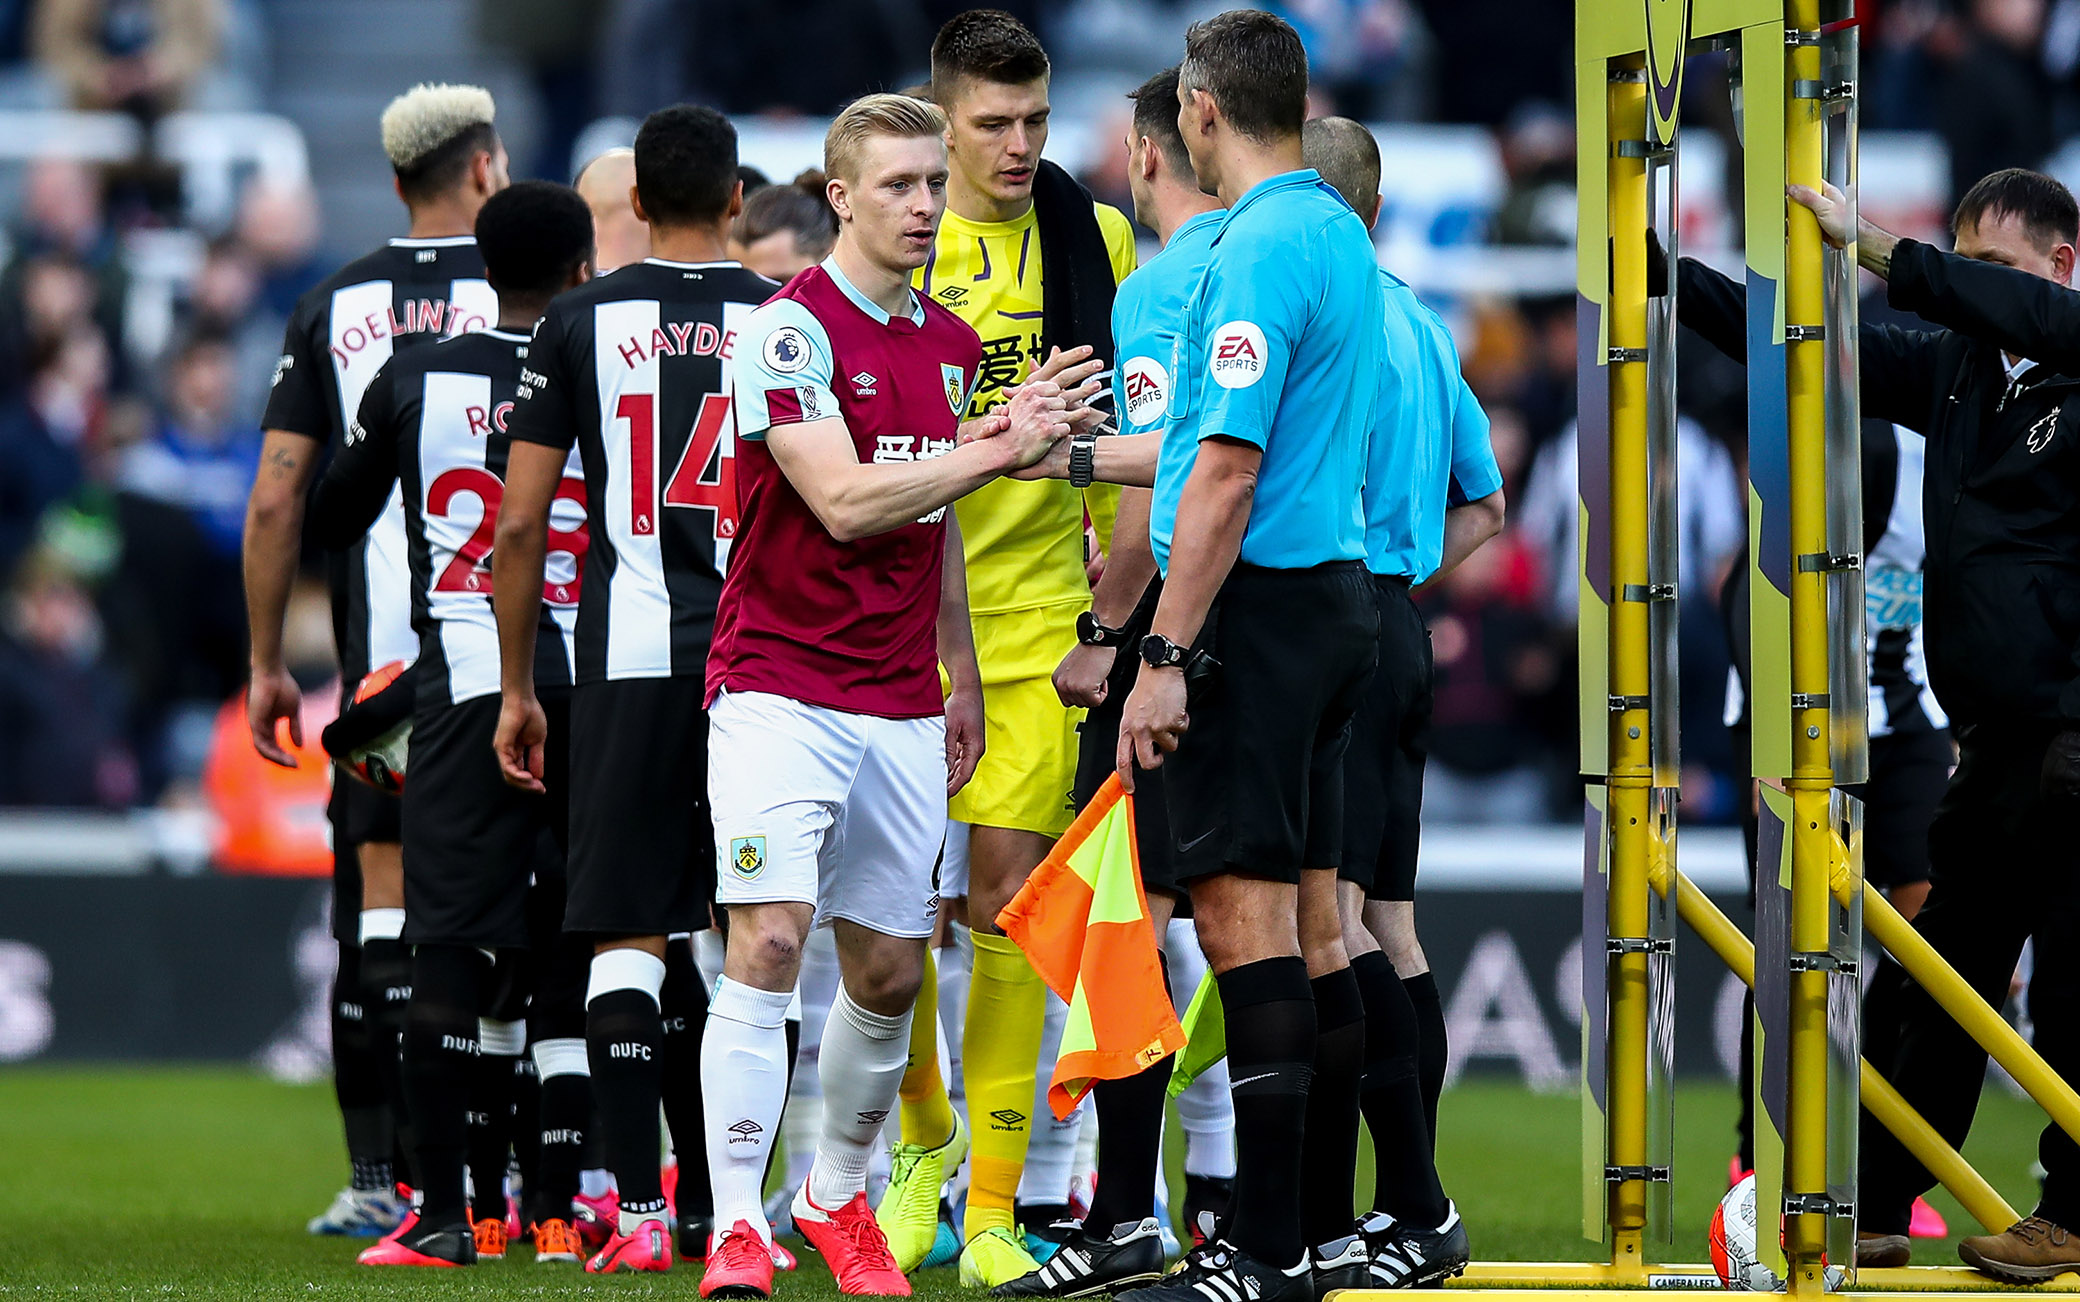 Stop alle strette di mano in campo in Premier League